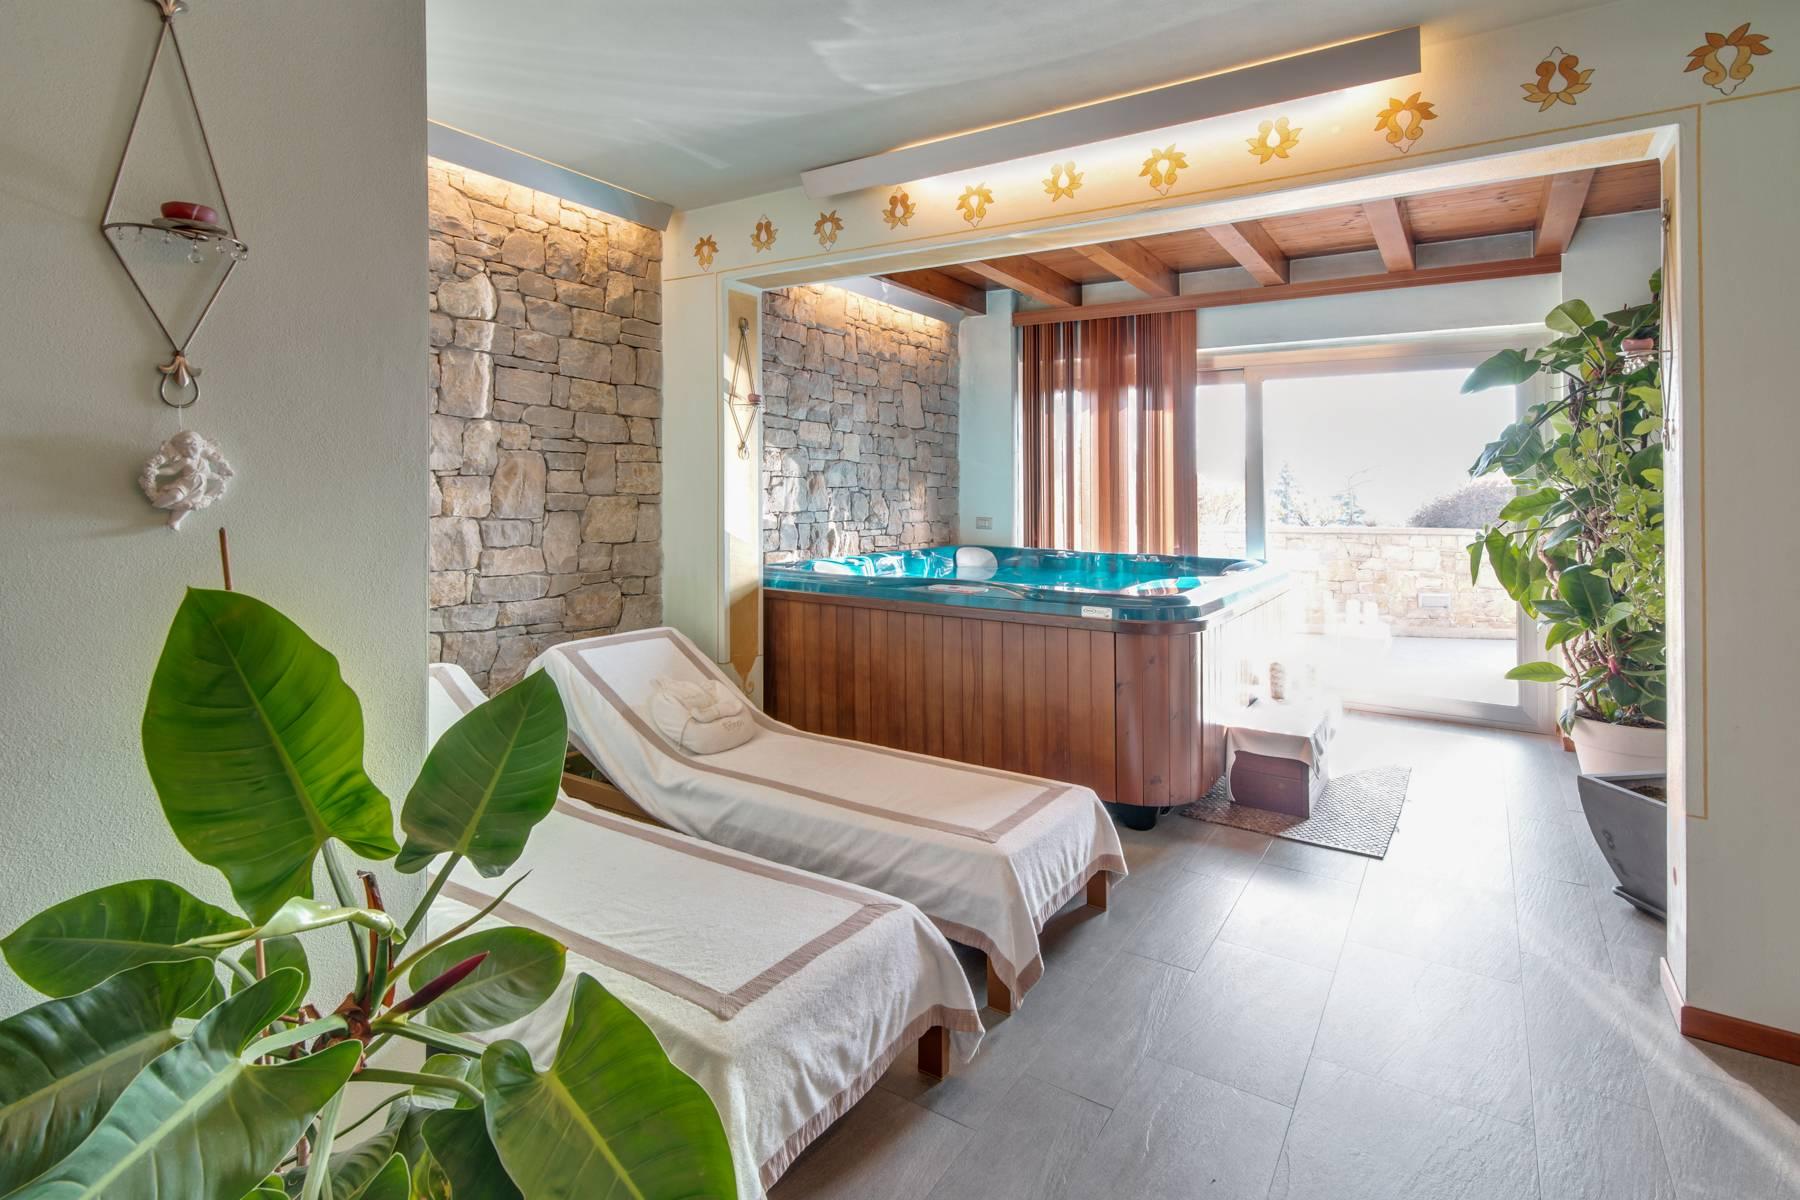 Villa in Vendita a Nembro: 5 locali, 530 mq - Foto 13